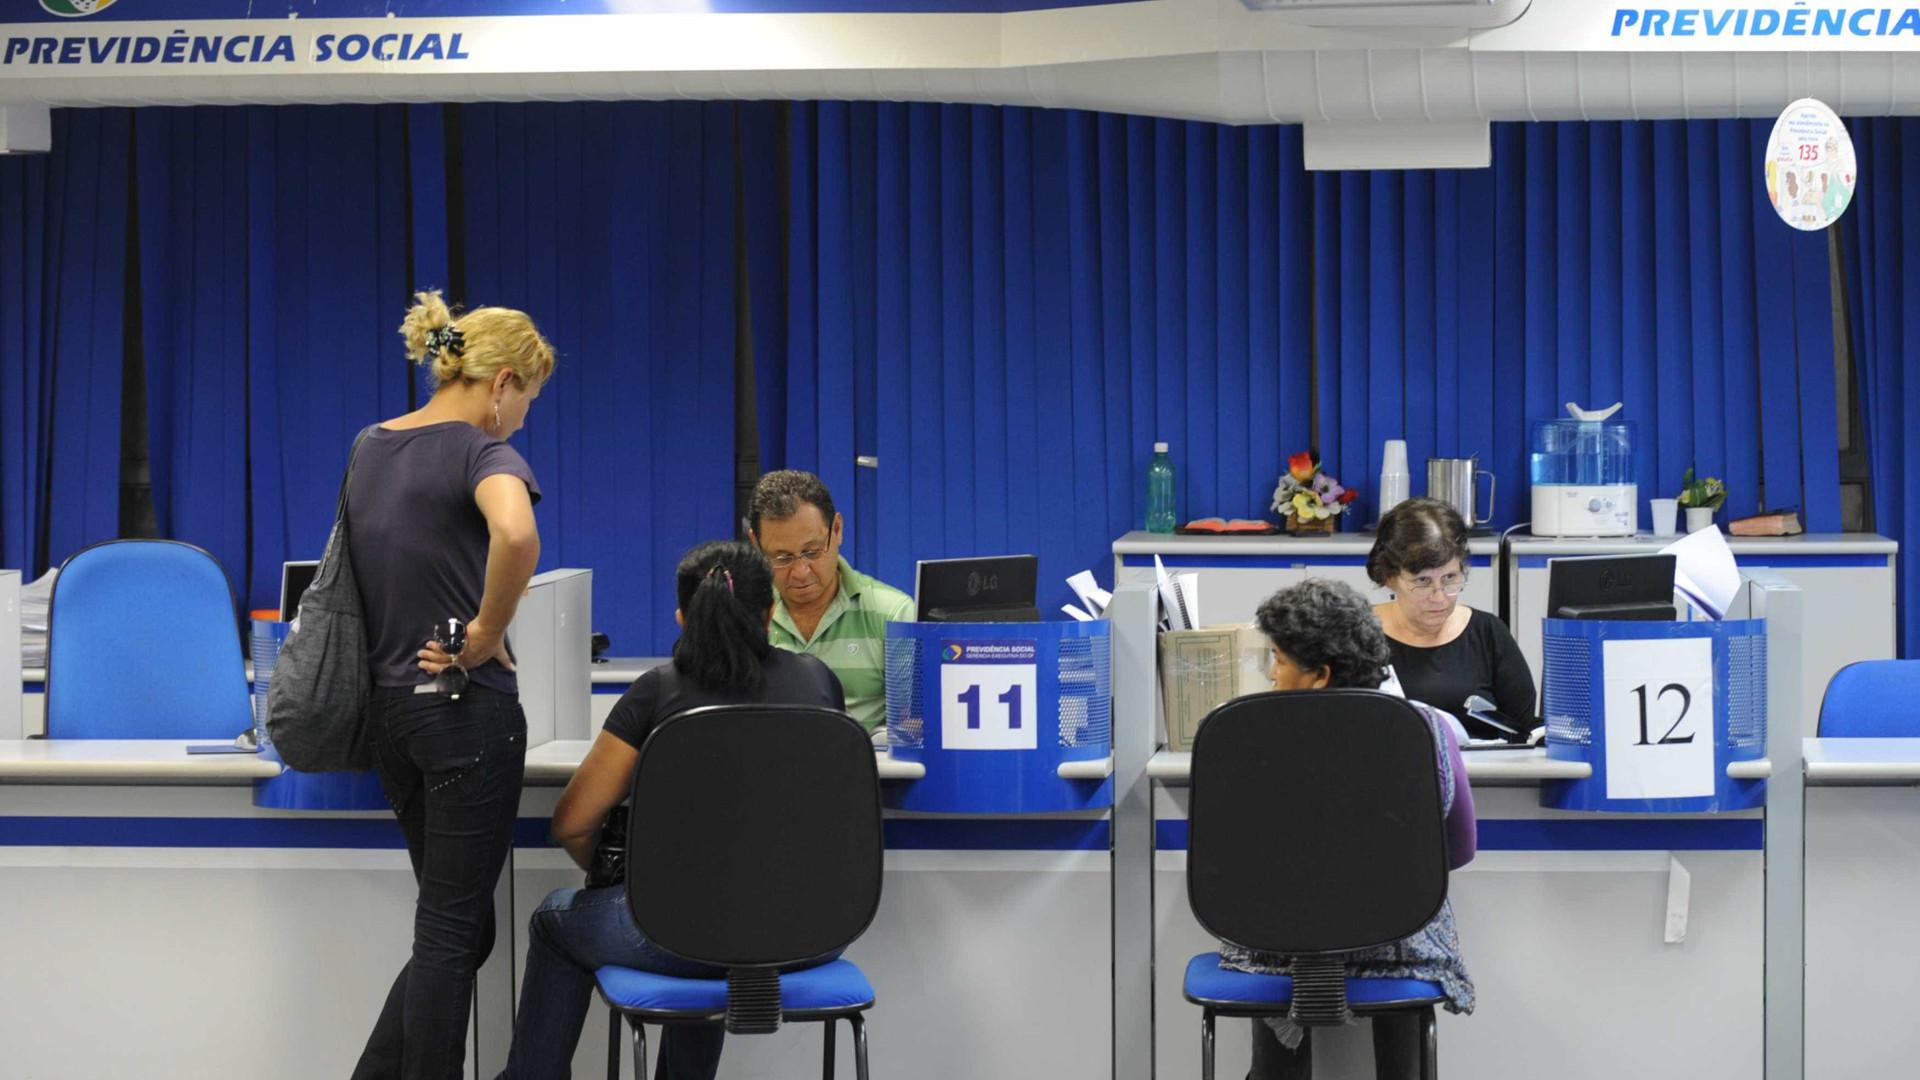 INSS retoma revisão de auxílio-doença e aposentadorias